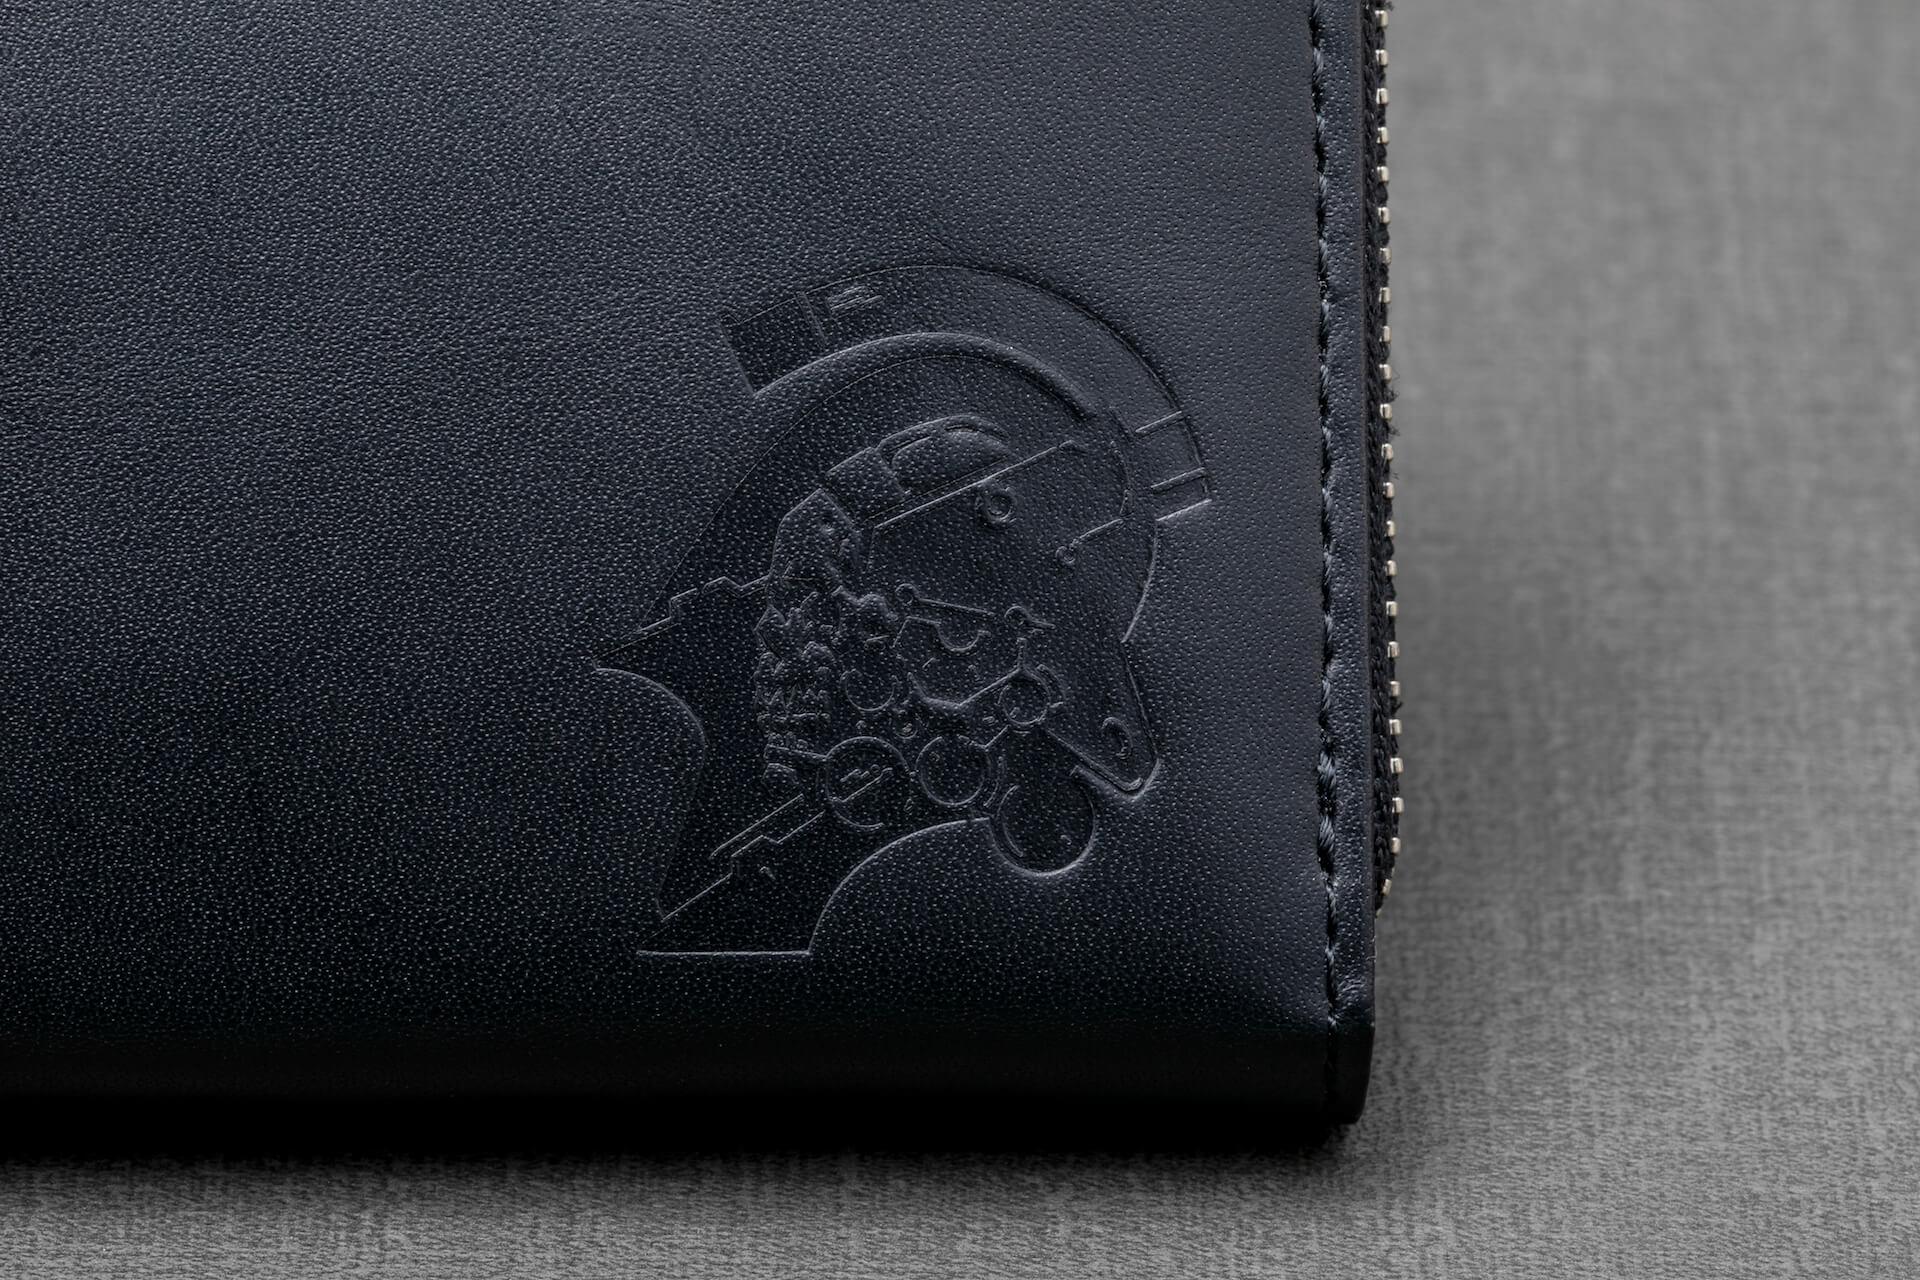 『デス・ストランディング』小島秀夫監督率いるコジマプロダクションのコラボミニ財布が追加販売決定! life191203_kojimaproduction_4